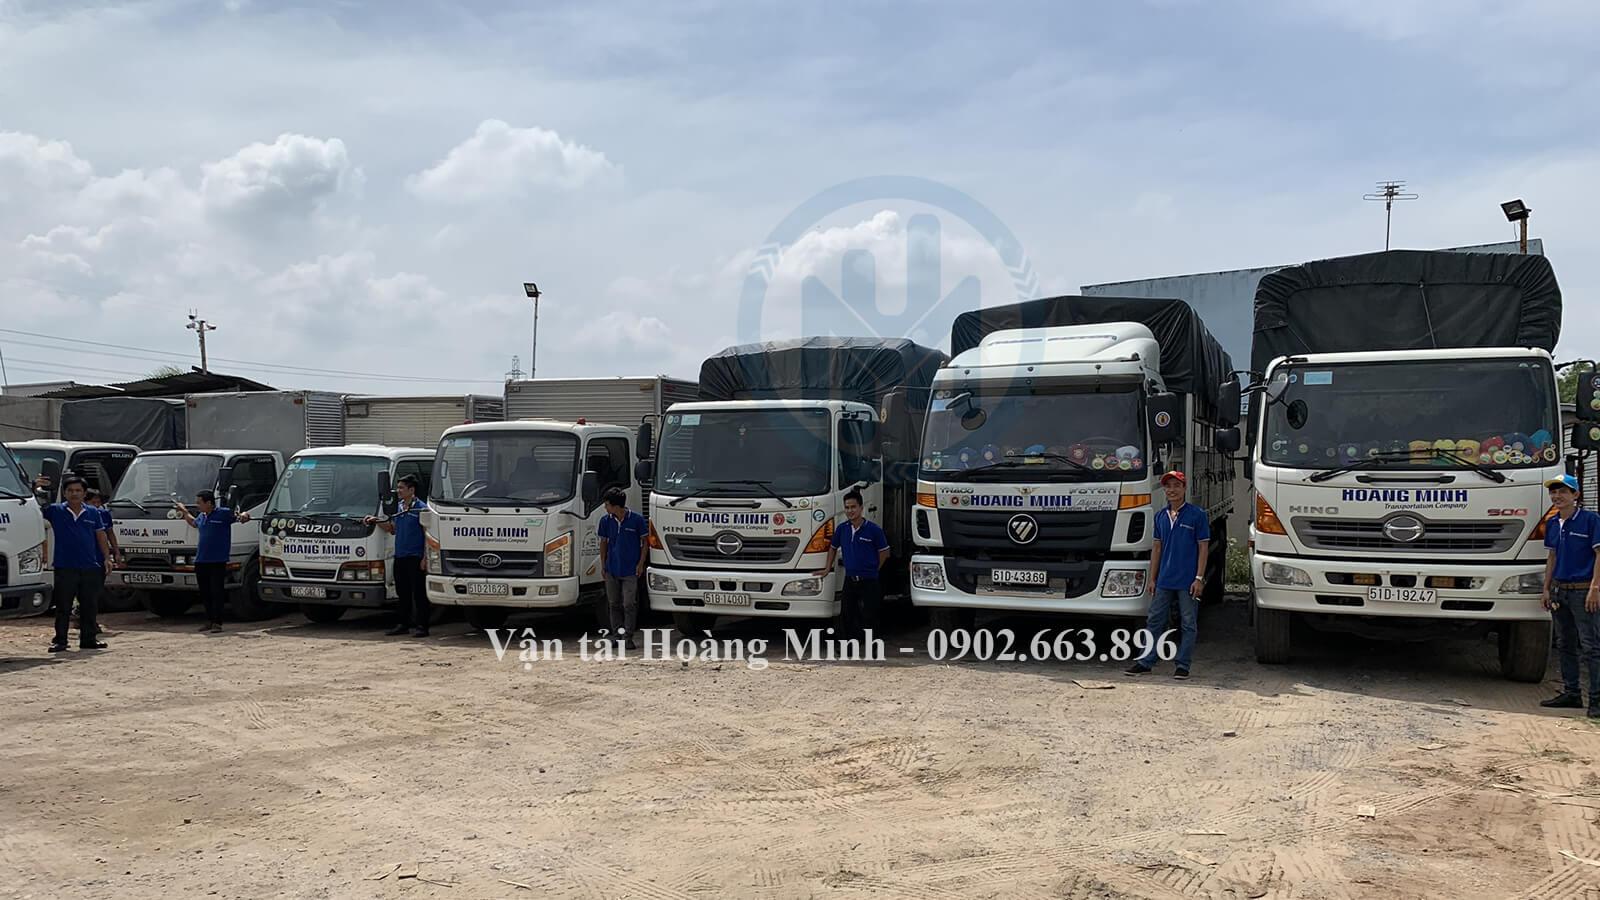 Dịch vụ cho thuê xe tải chở hàng Quận Bình Tân - Đơn vị vận tải uy tín của Thành phố